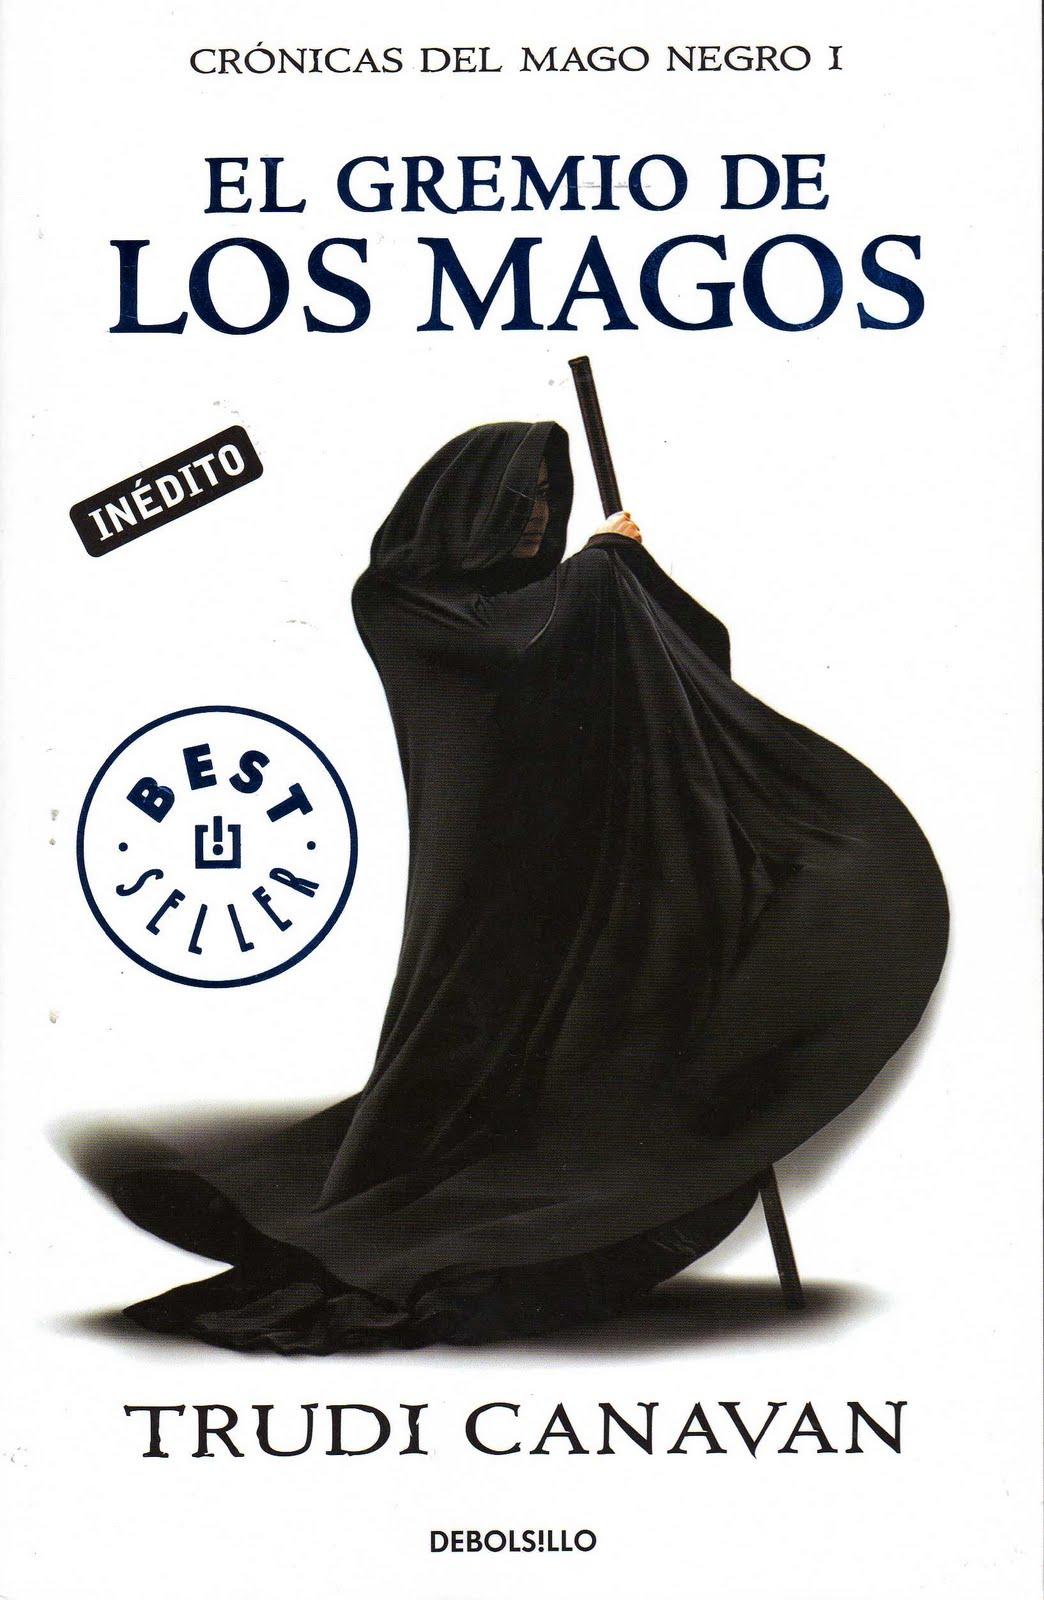 El Gremio de los Magos (Crónicas del Mago Negro #1) - Trudi Canavan